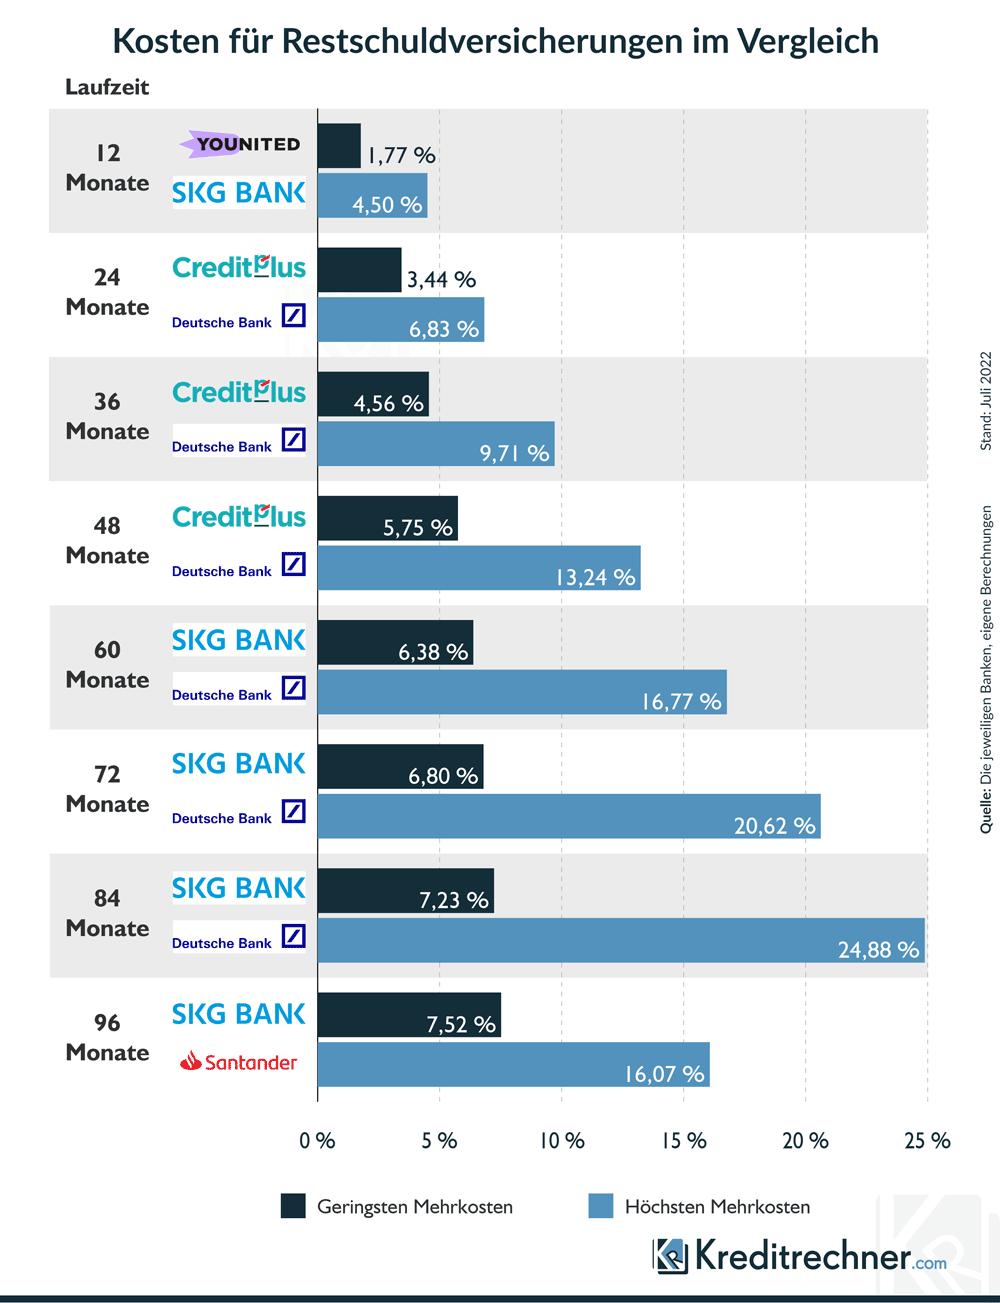 Kosten für Restschuldversicherungen im Vergleich